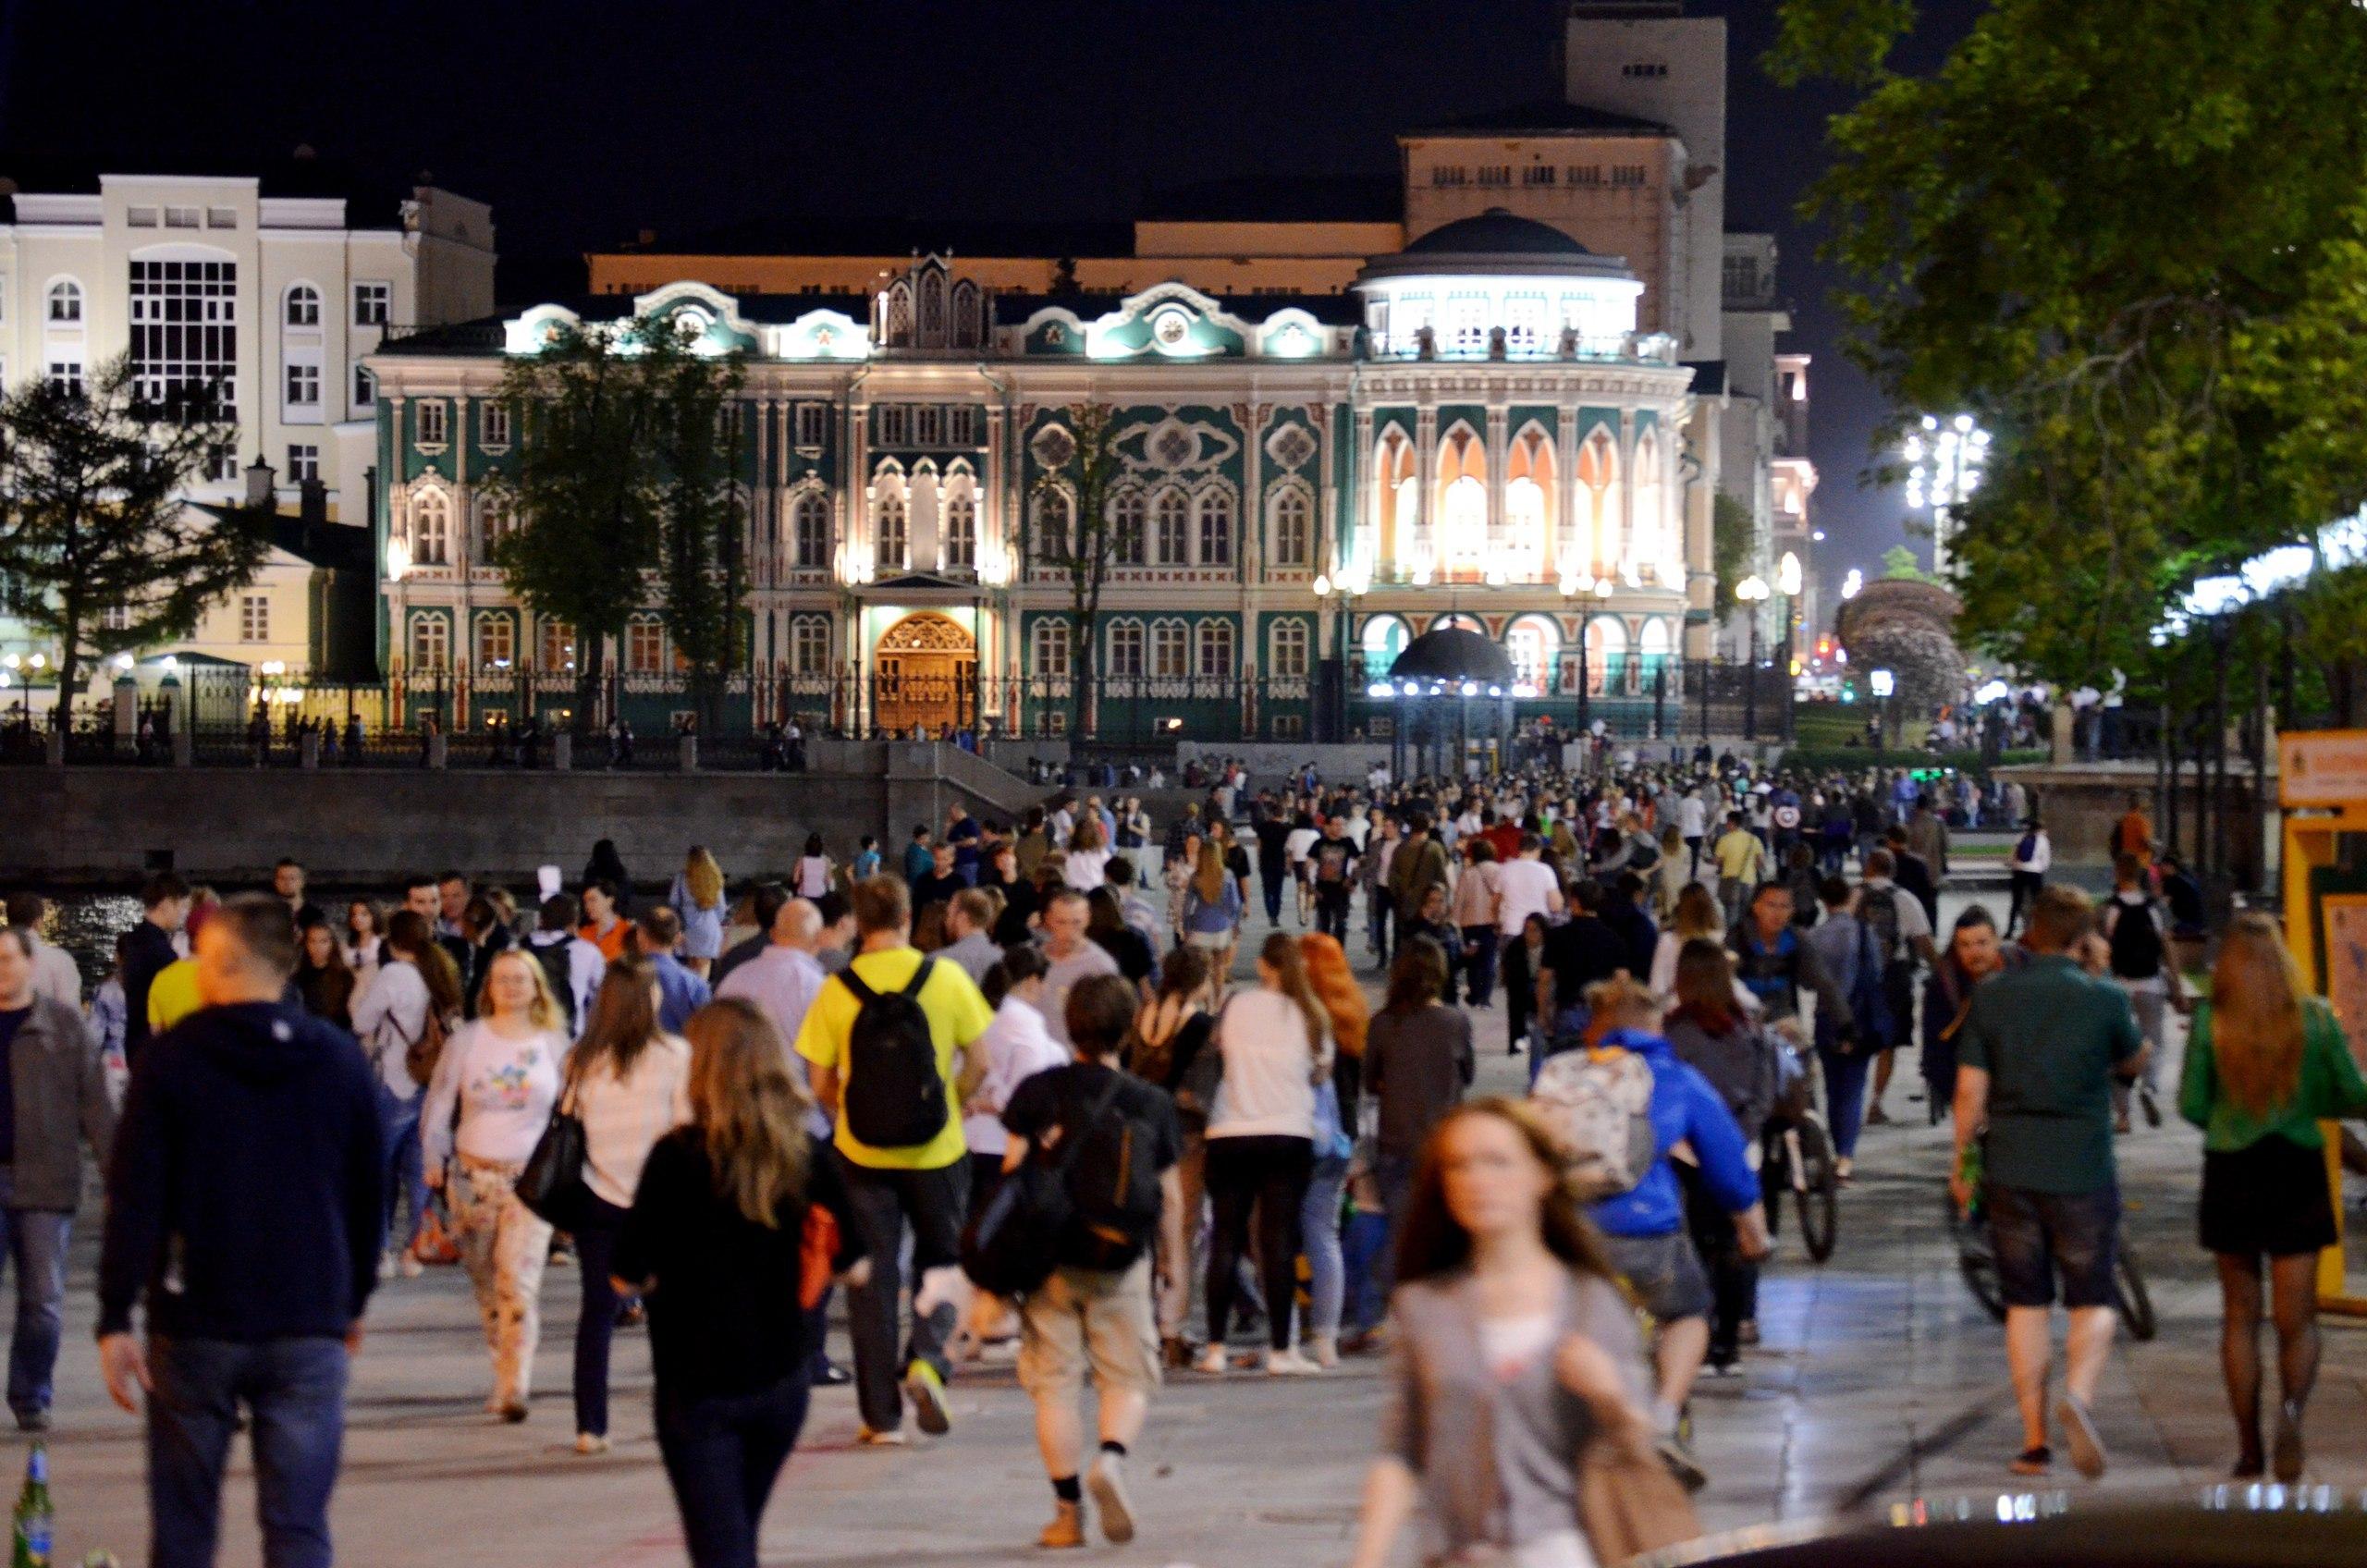 Музеи екатеринбурга стоимость билетов стоимость билетов в кино новокузнецк